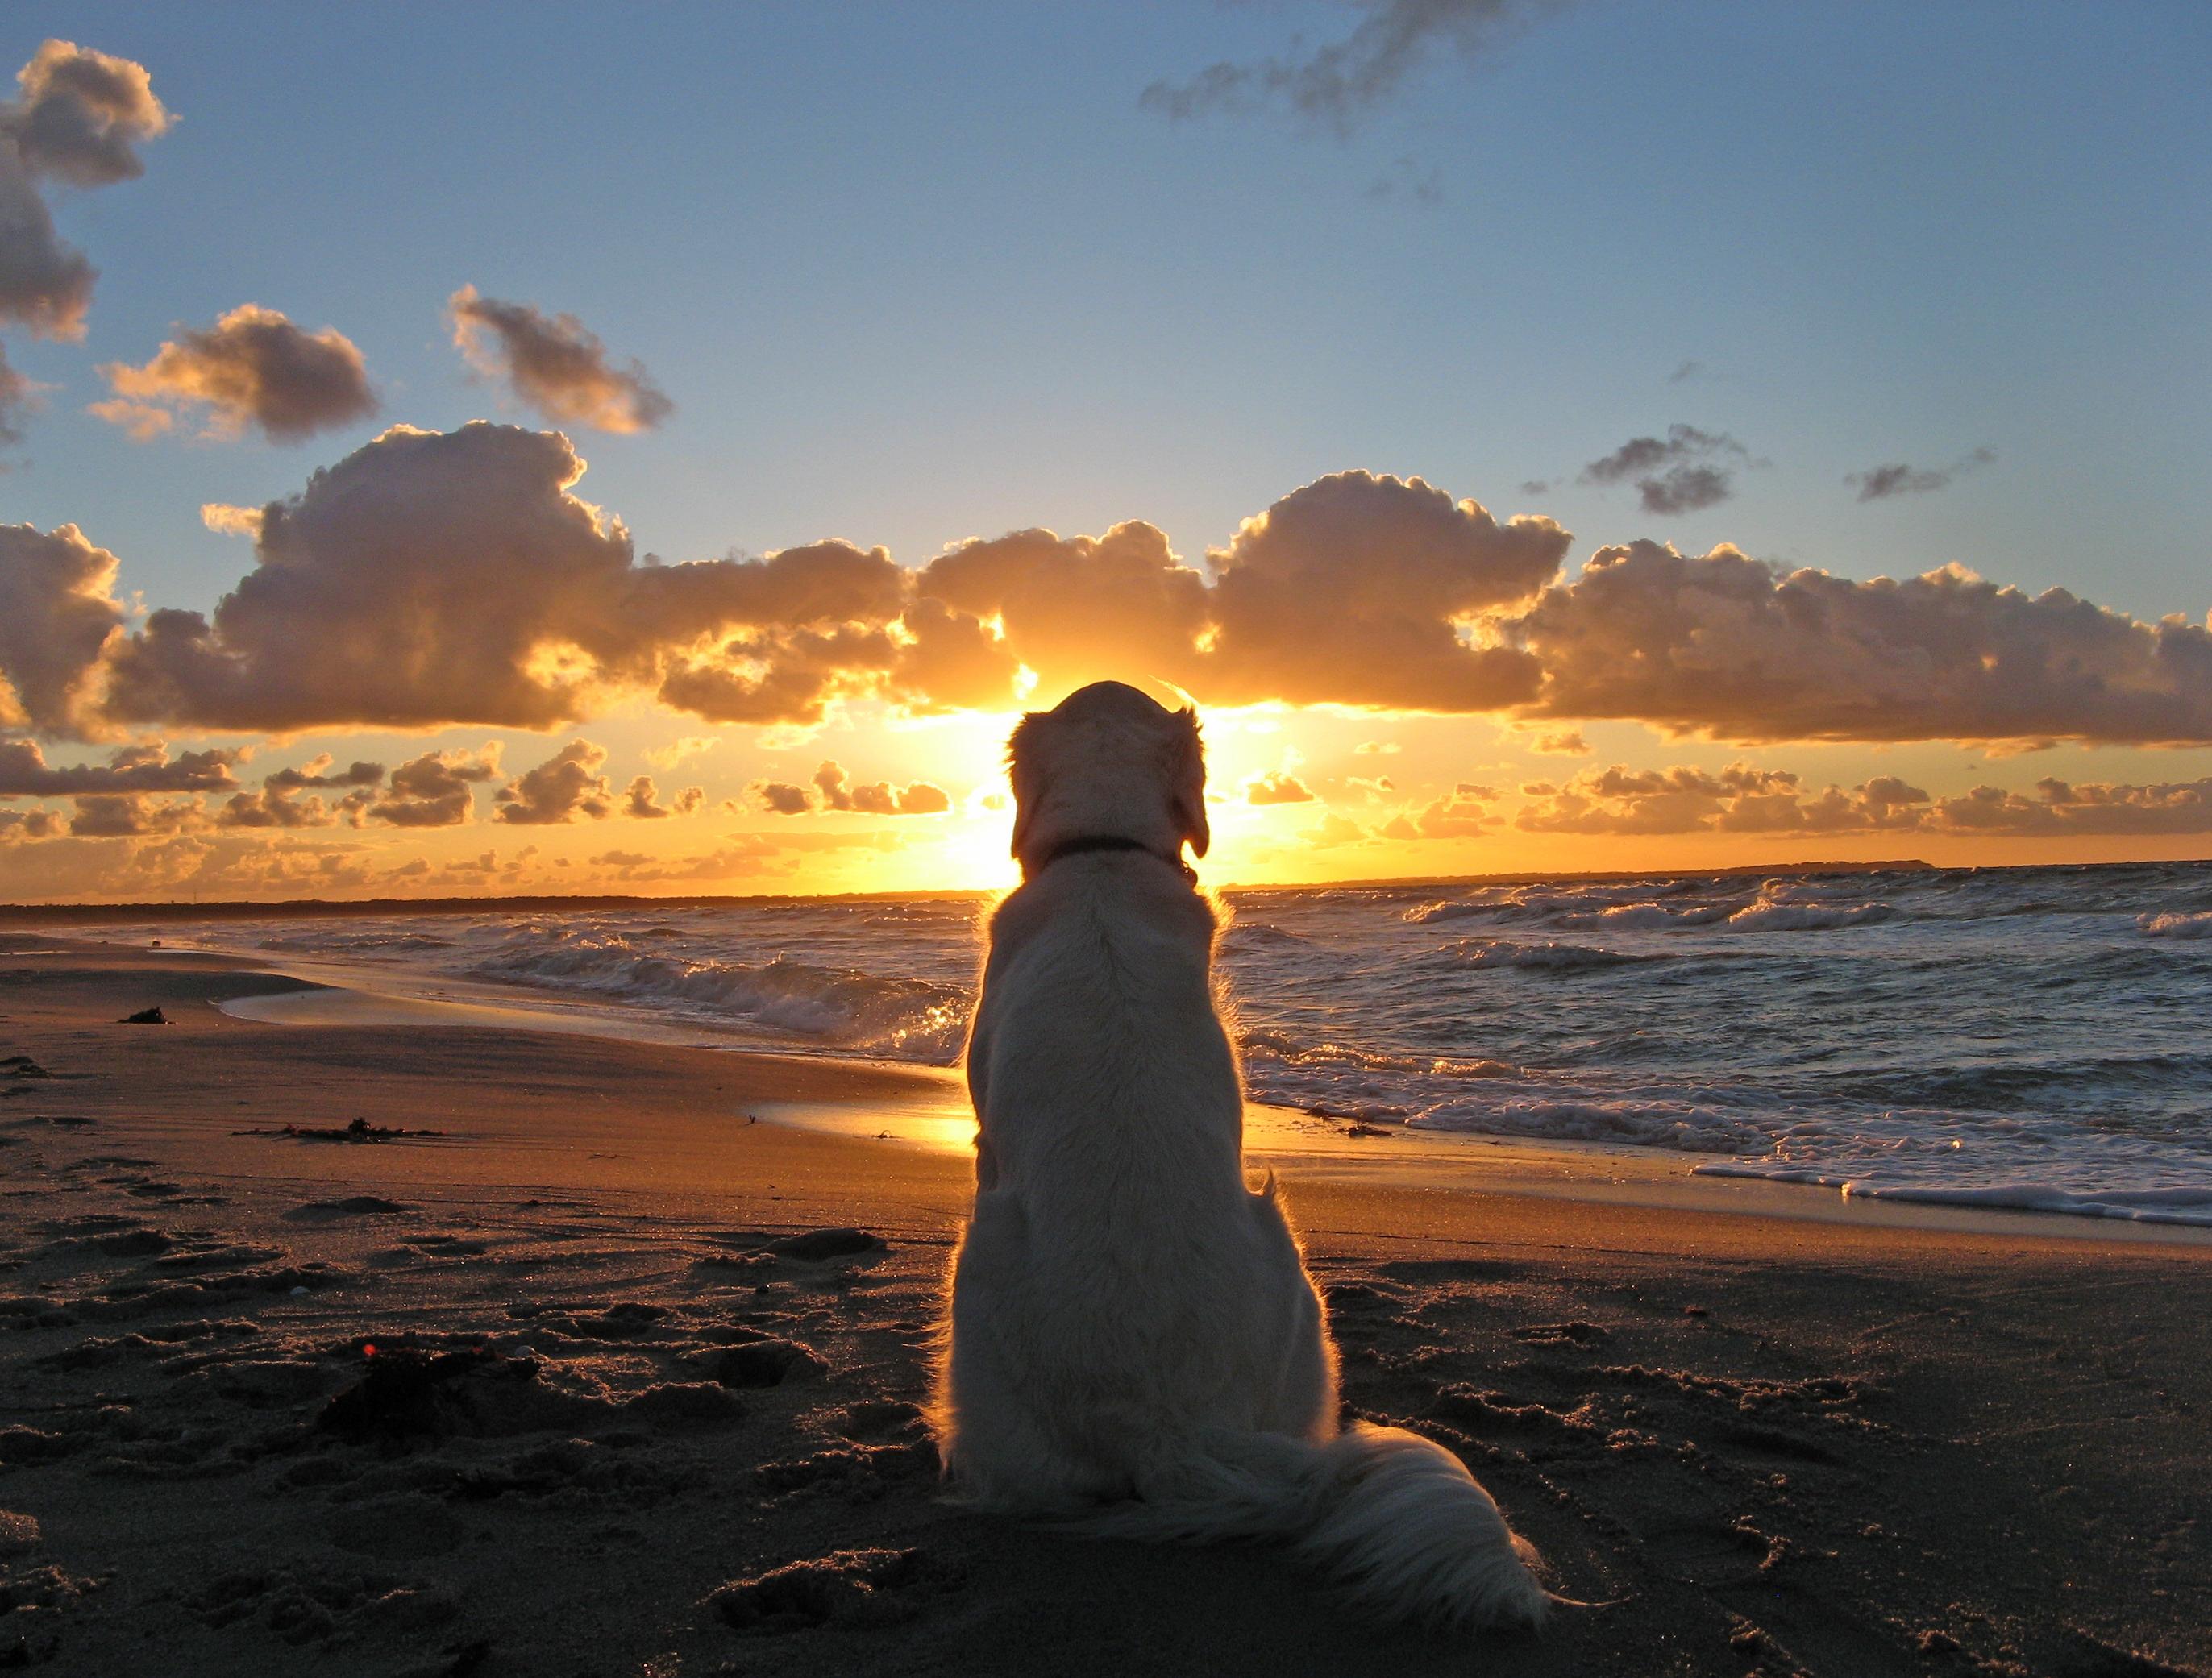 собака песок вода животное природа  № 956875 загрузить